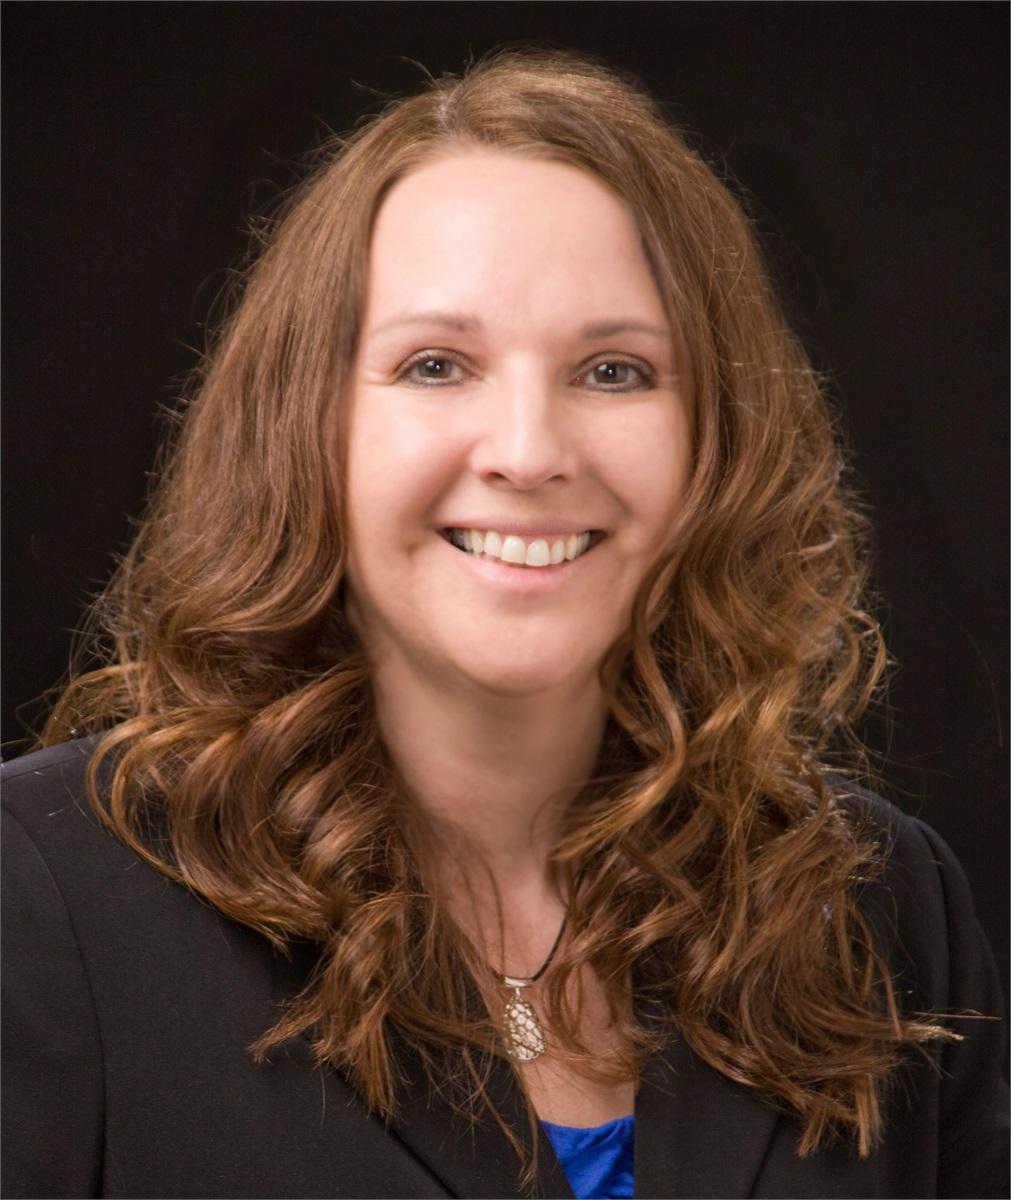 Claire Walmer